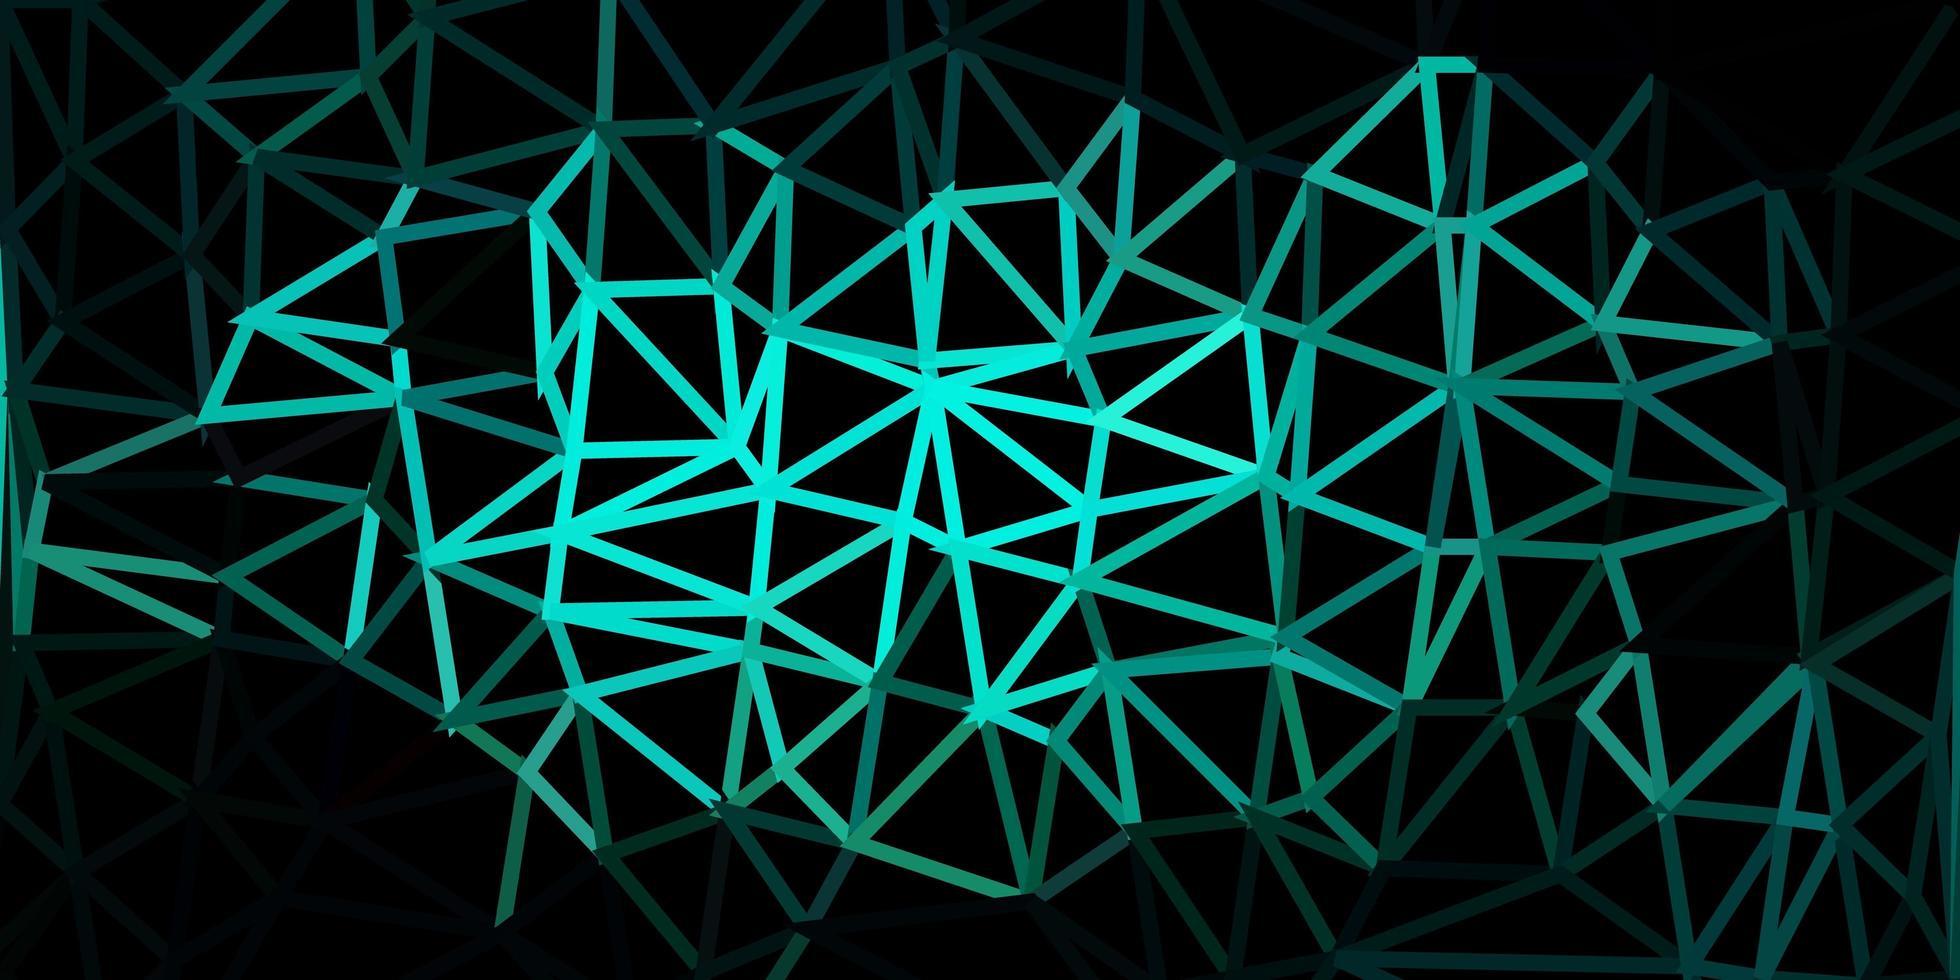 donkerblauwe, groene vector veelhoekige achtergrond.